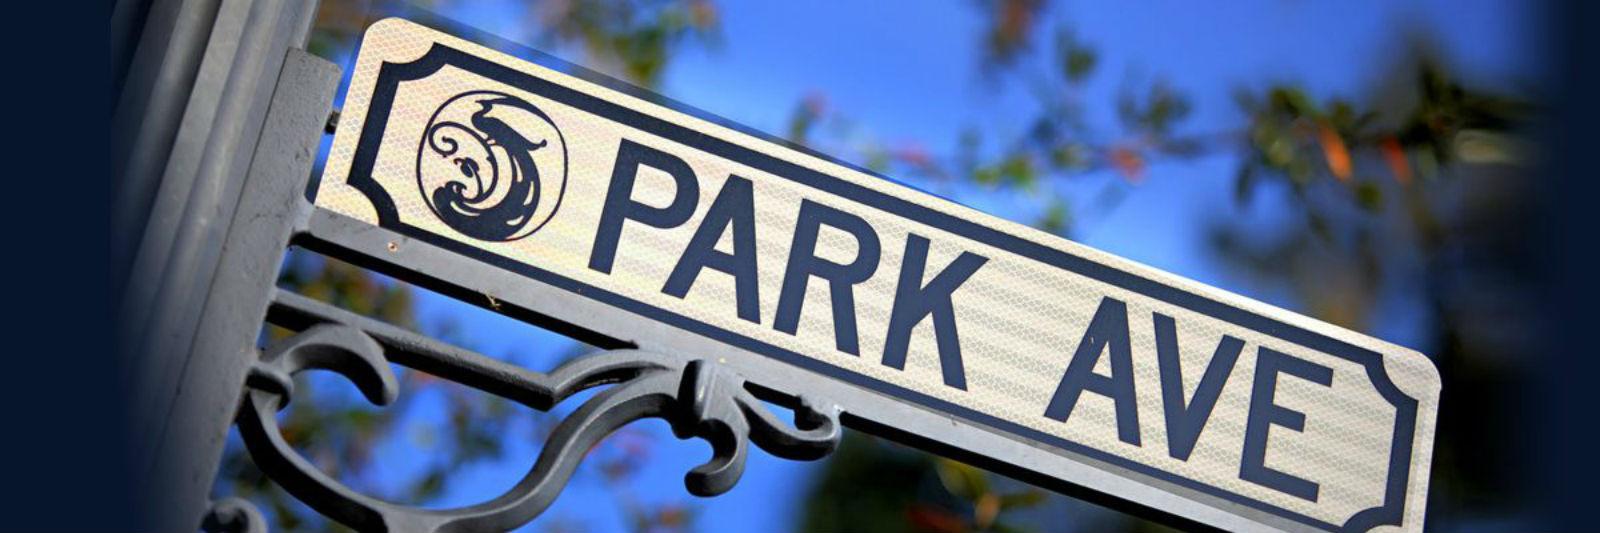 slider-park-ave-142682_1600x533.jpg